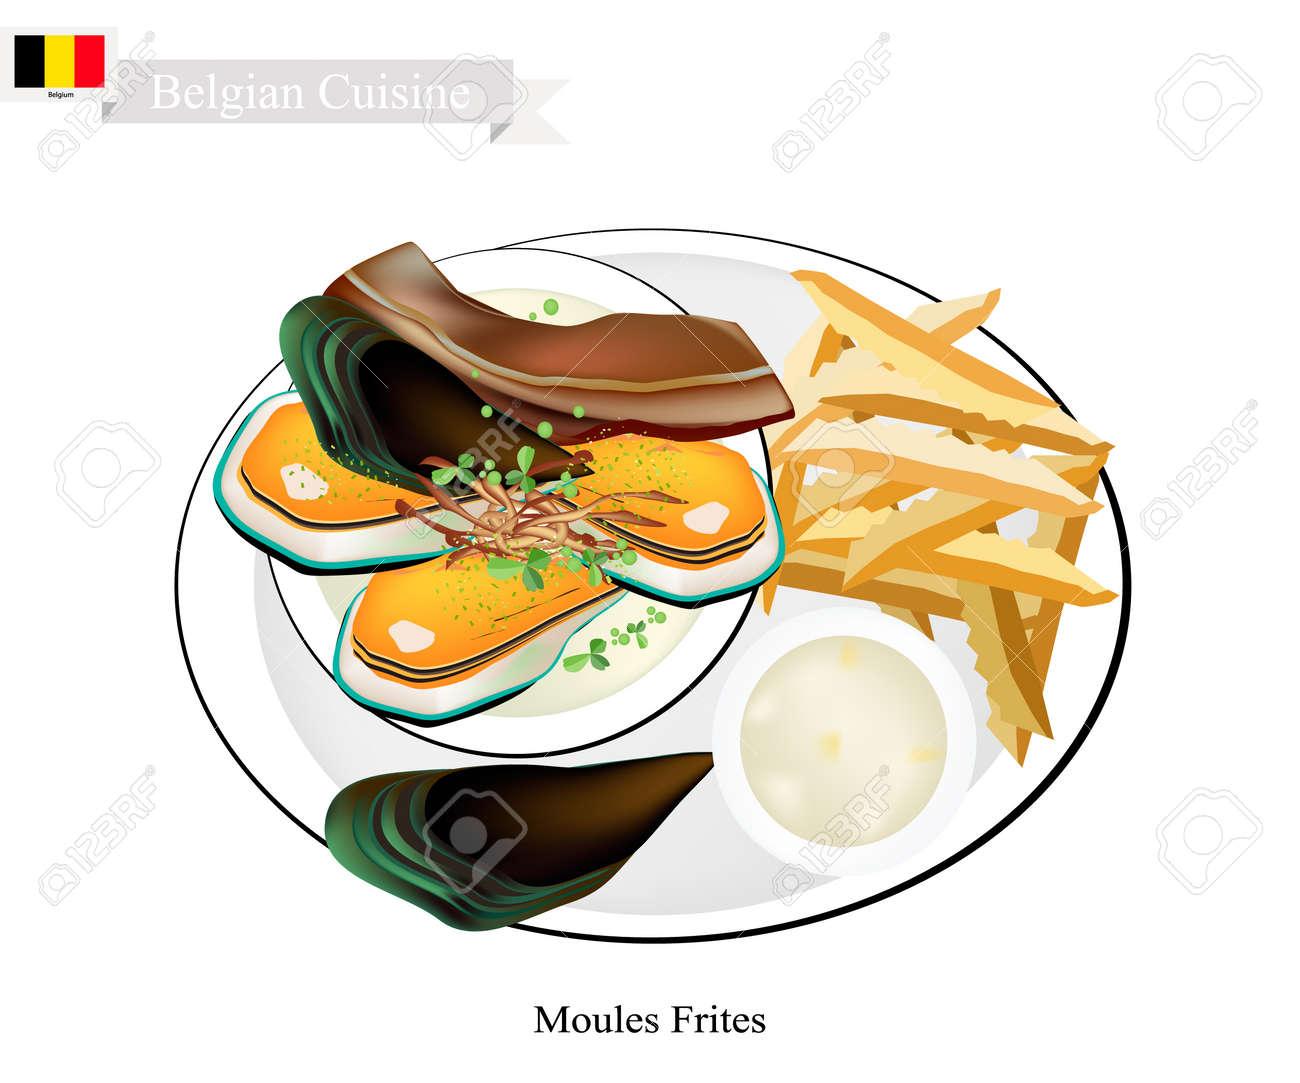 Captivating Belgische Küche, Illustration Von Moules Frites Oder Traditionelle  Gedünstete Muscheln Und Pommes Frites. Standard